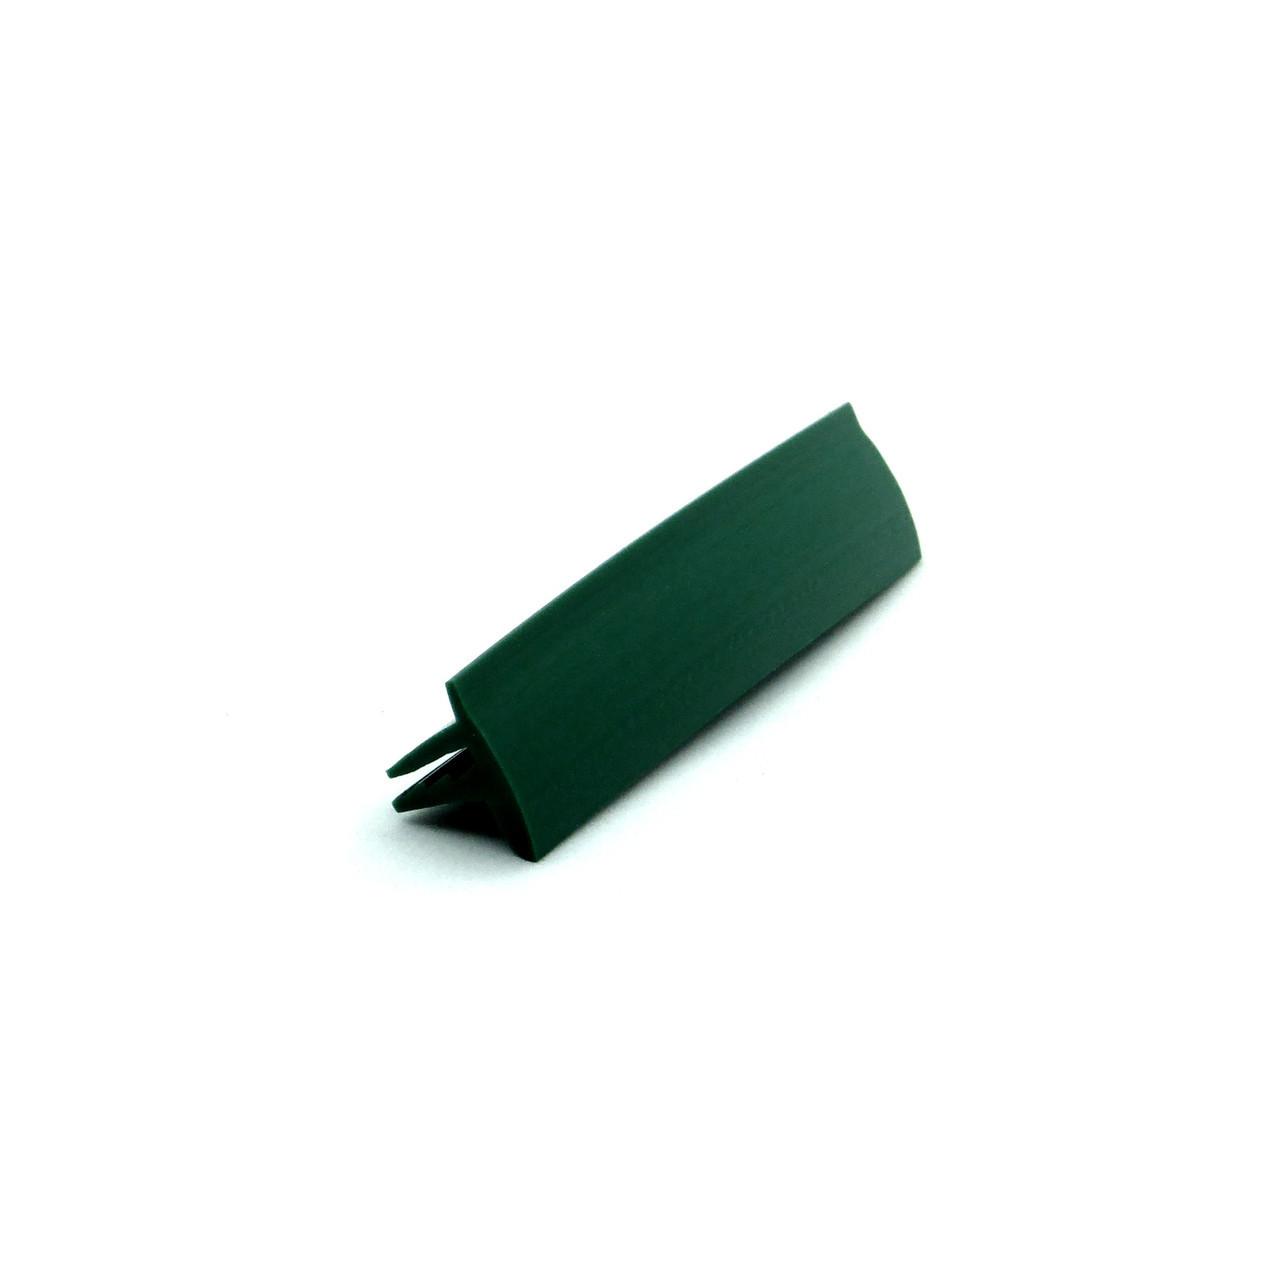 Вставка декоративна для натяжної стелі - L666. Широка кольорова - 14 мм